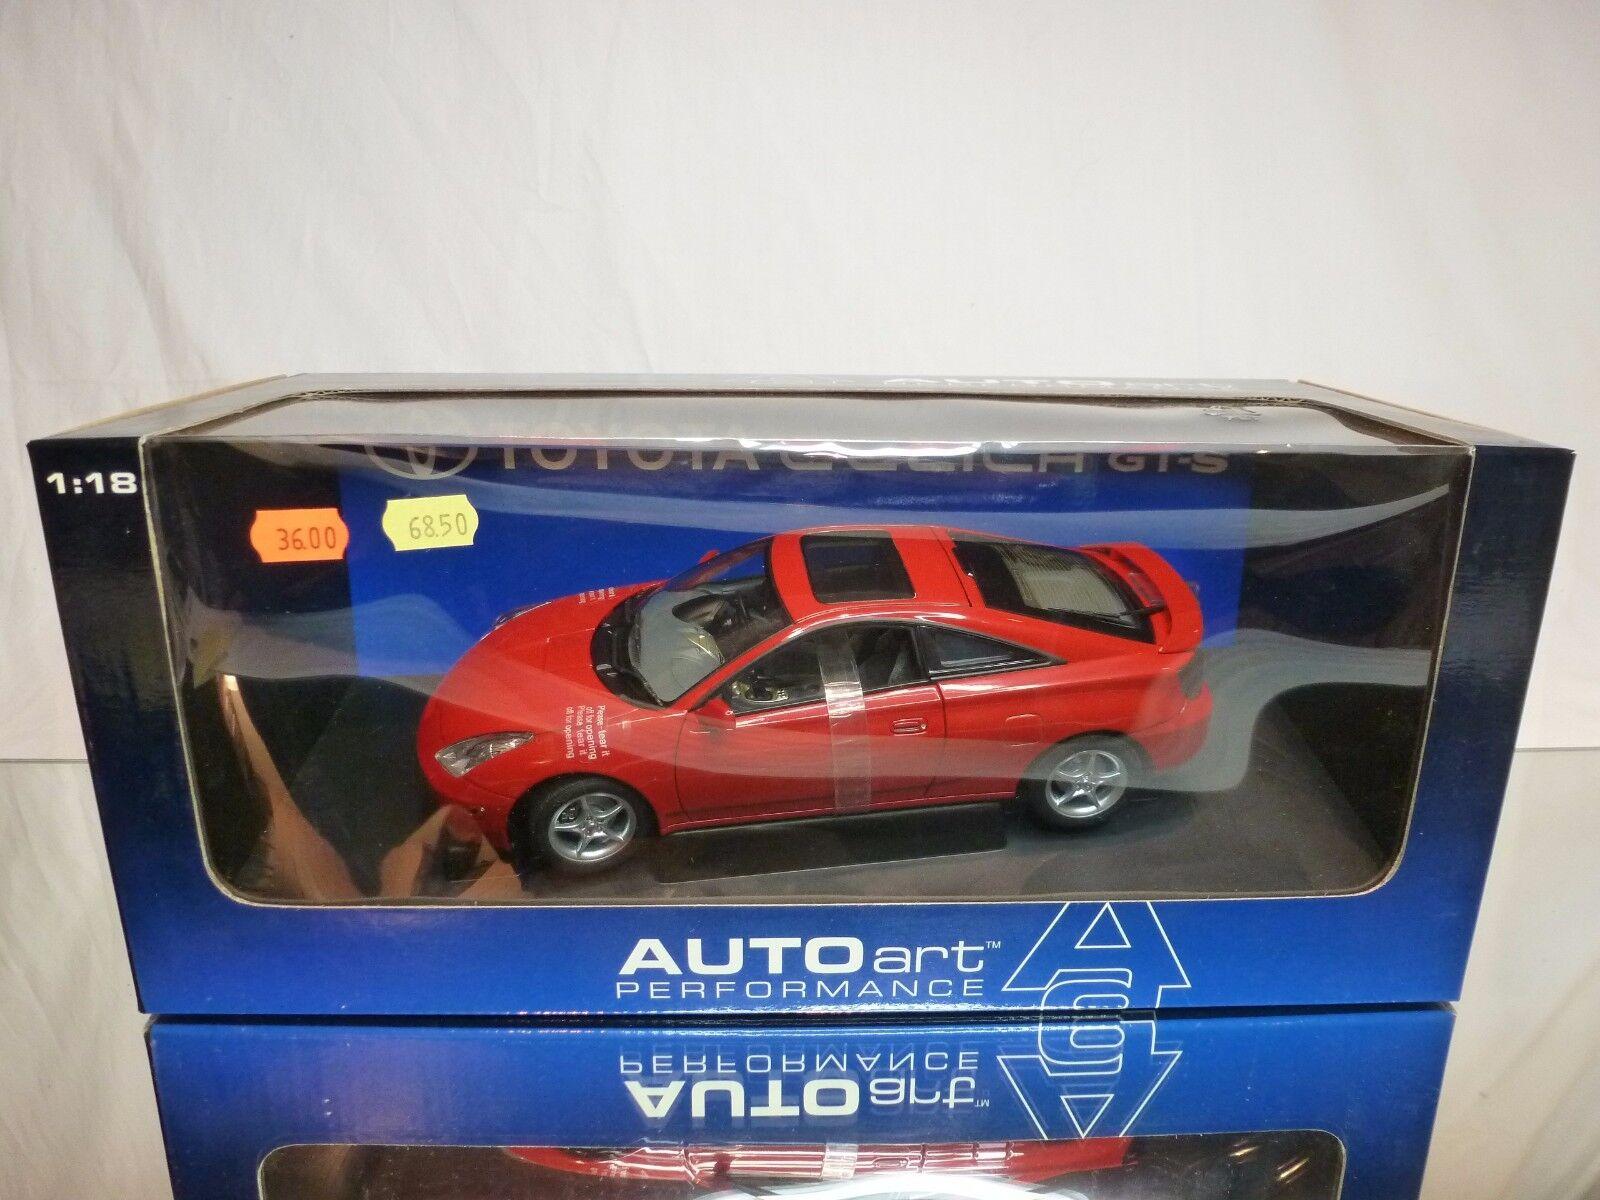 AUTOART 78727 TOYOTA CELICA  GTS 2000 RHD - 1 18 - BOXED + TRANSPORT les bretelles voiture  tous les produits sont spéciaux